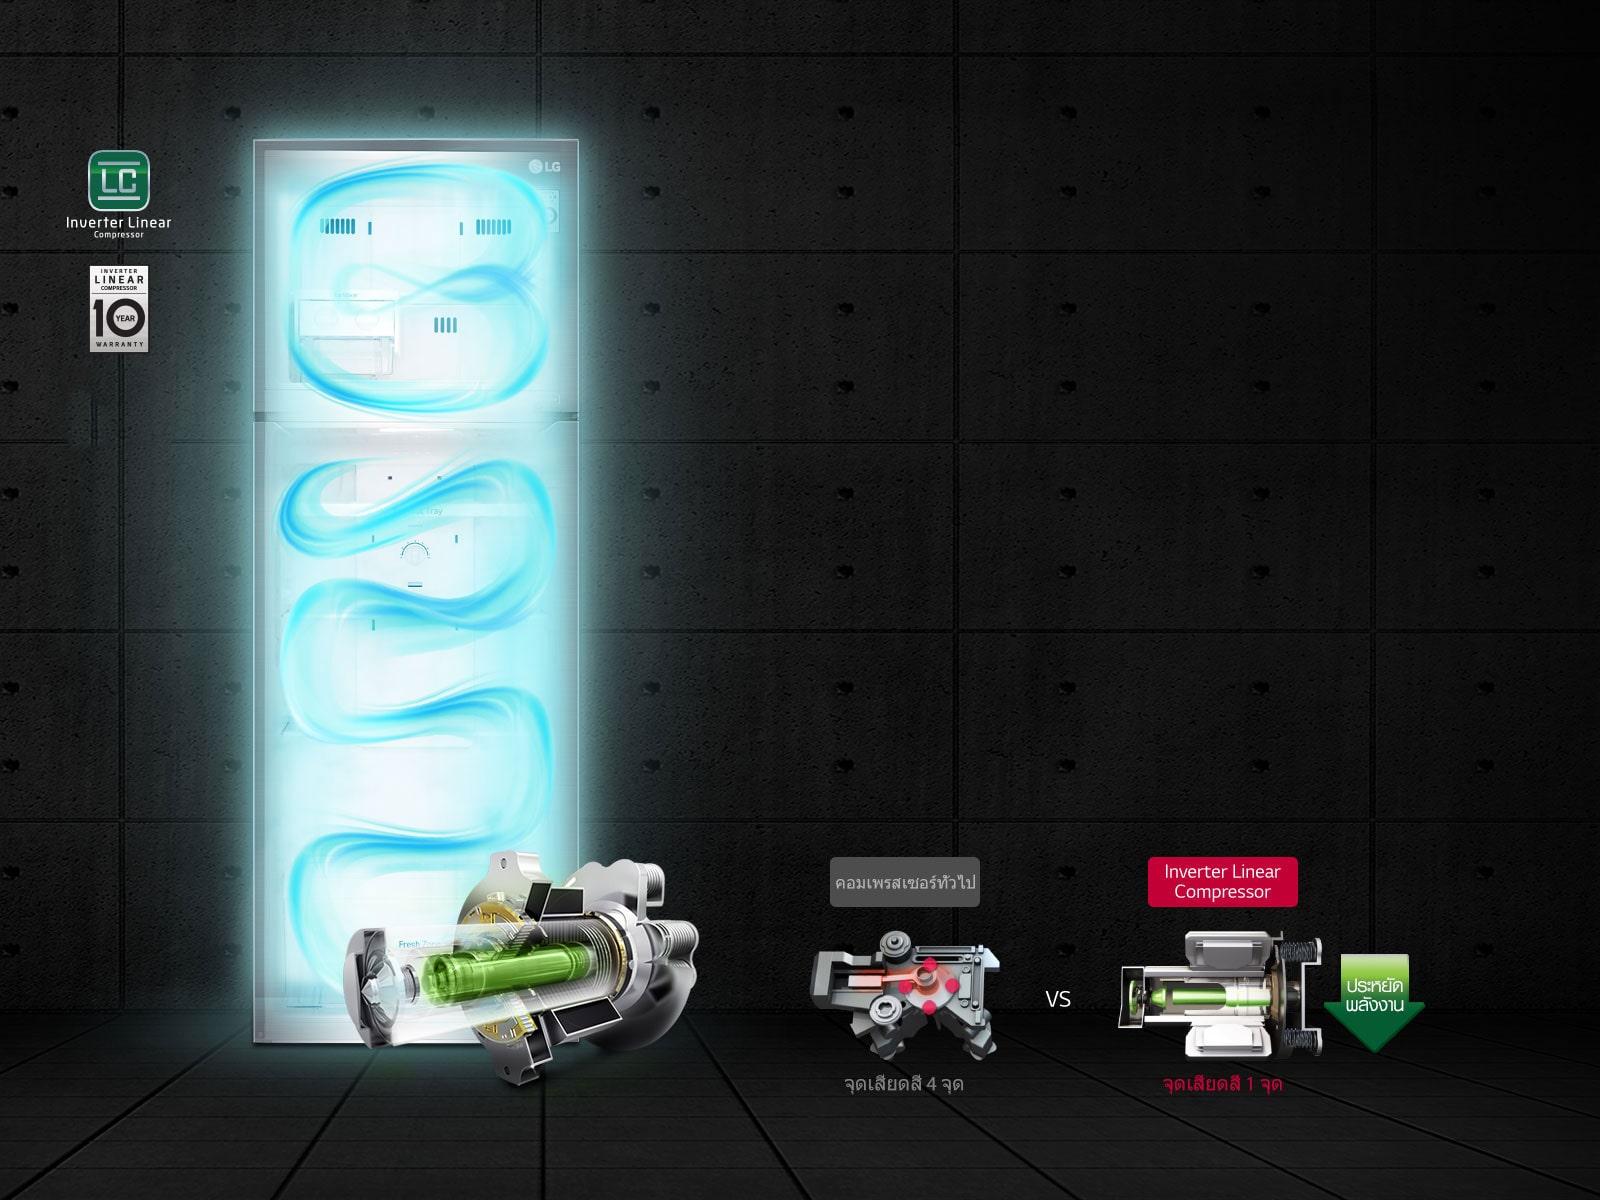 ตู้เย็น Inverter Linear Compressor ประหยัดพลังงาน